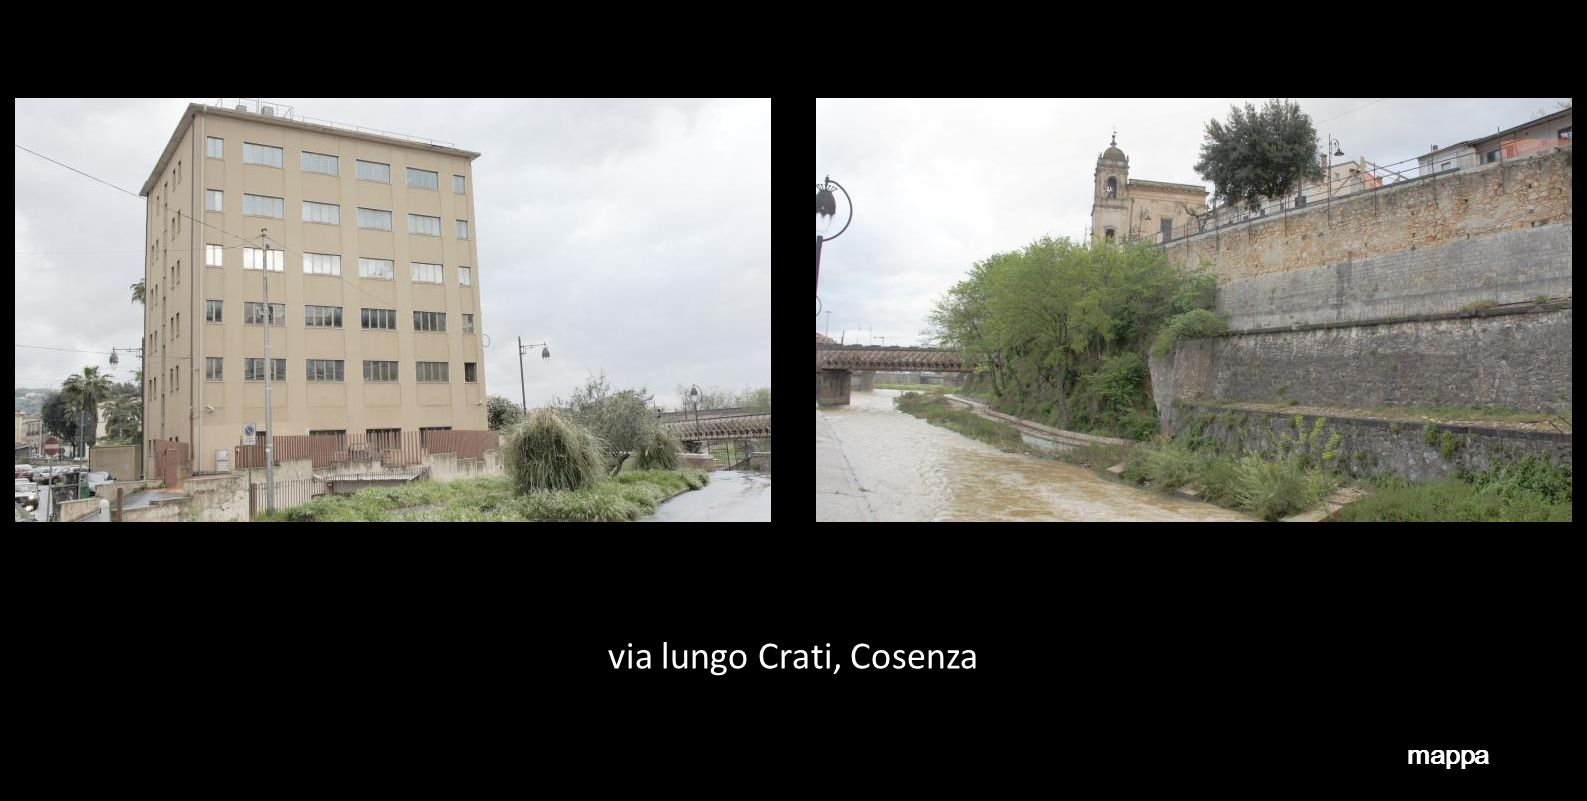 via lungo Crati, Cosenza